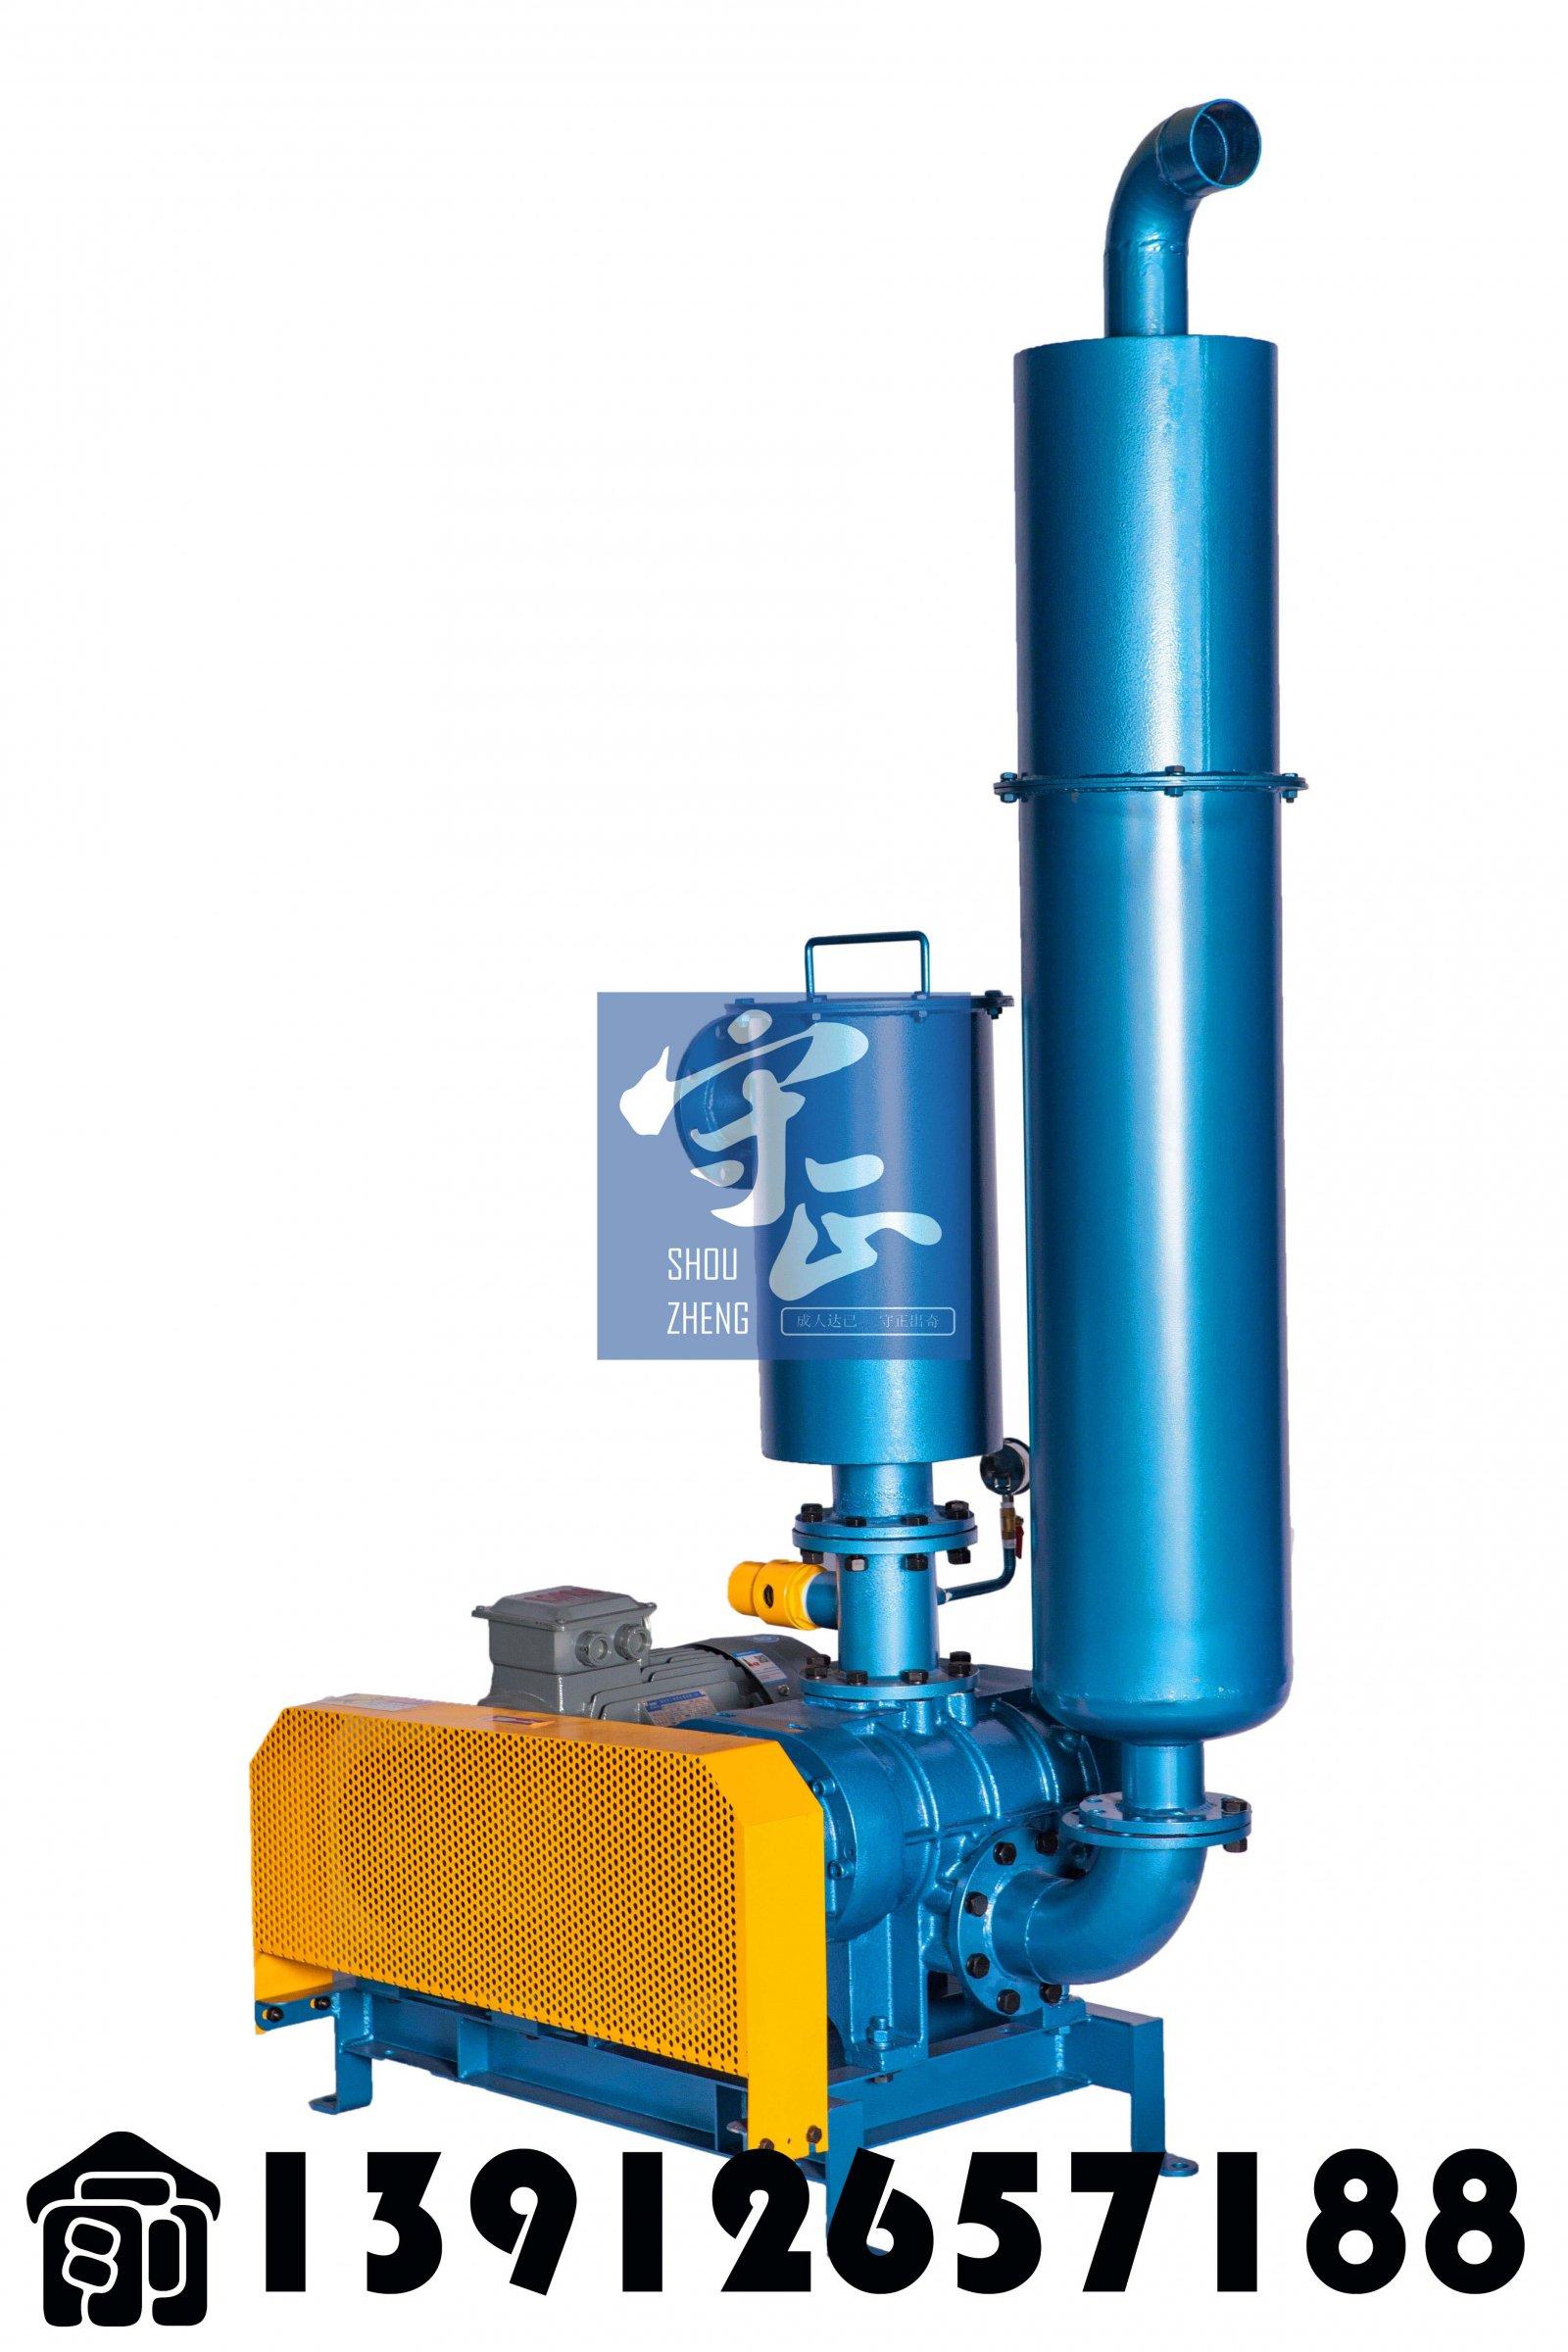 HSV粉体输送罗茨真空泵的图片